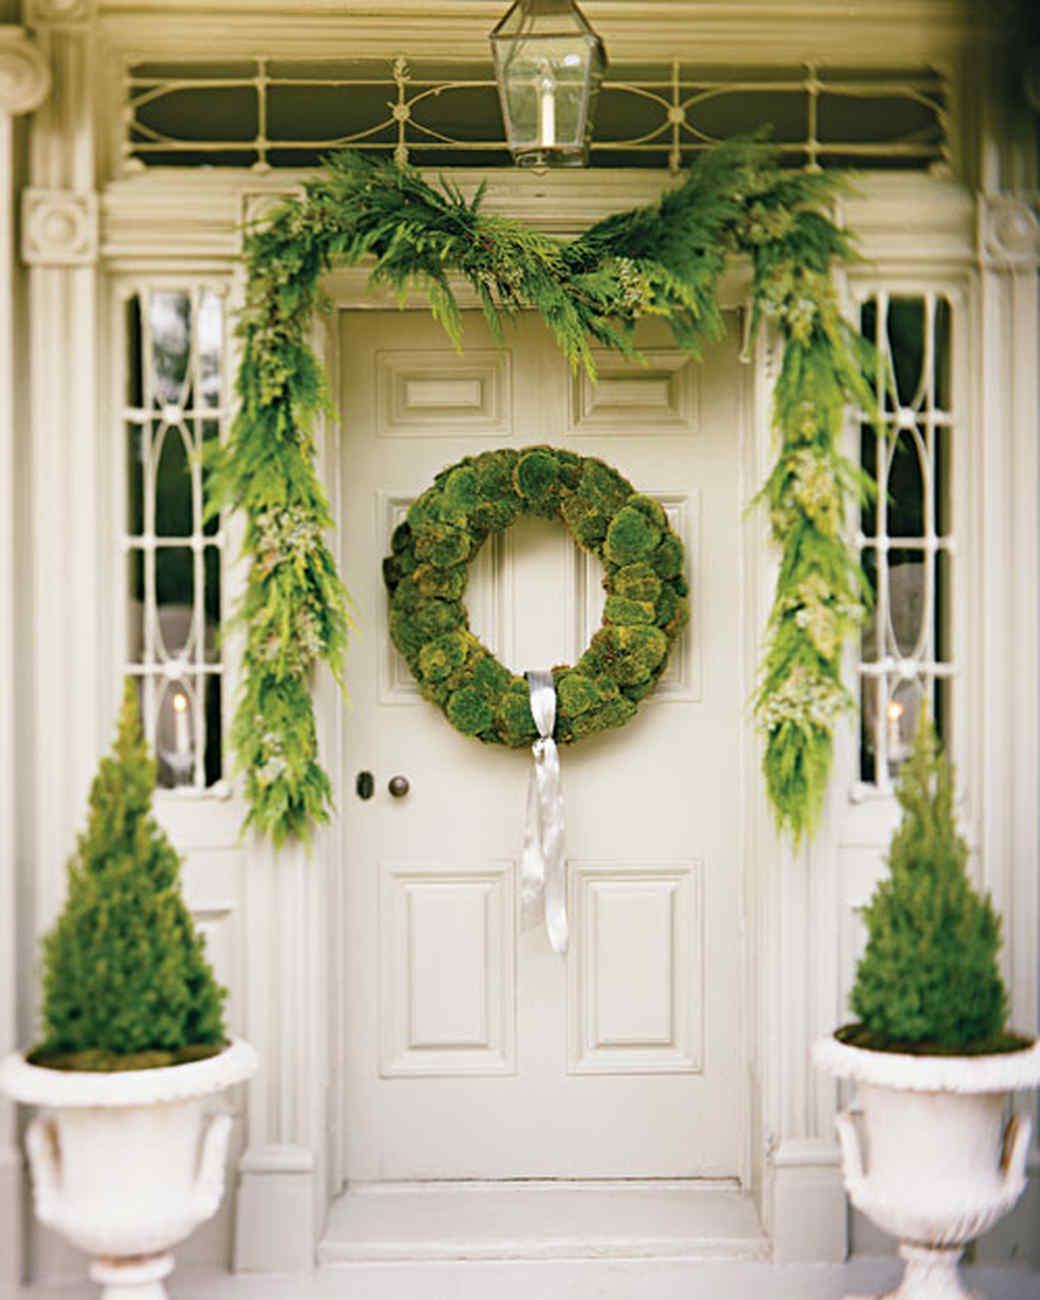 & Christmas Decorating Ideas | Martha Stewart